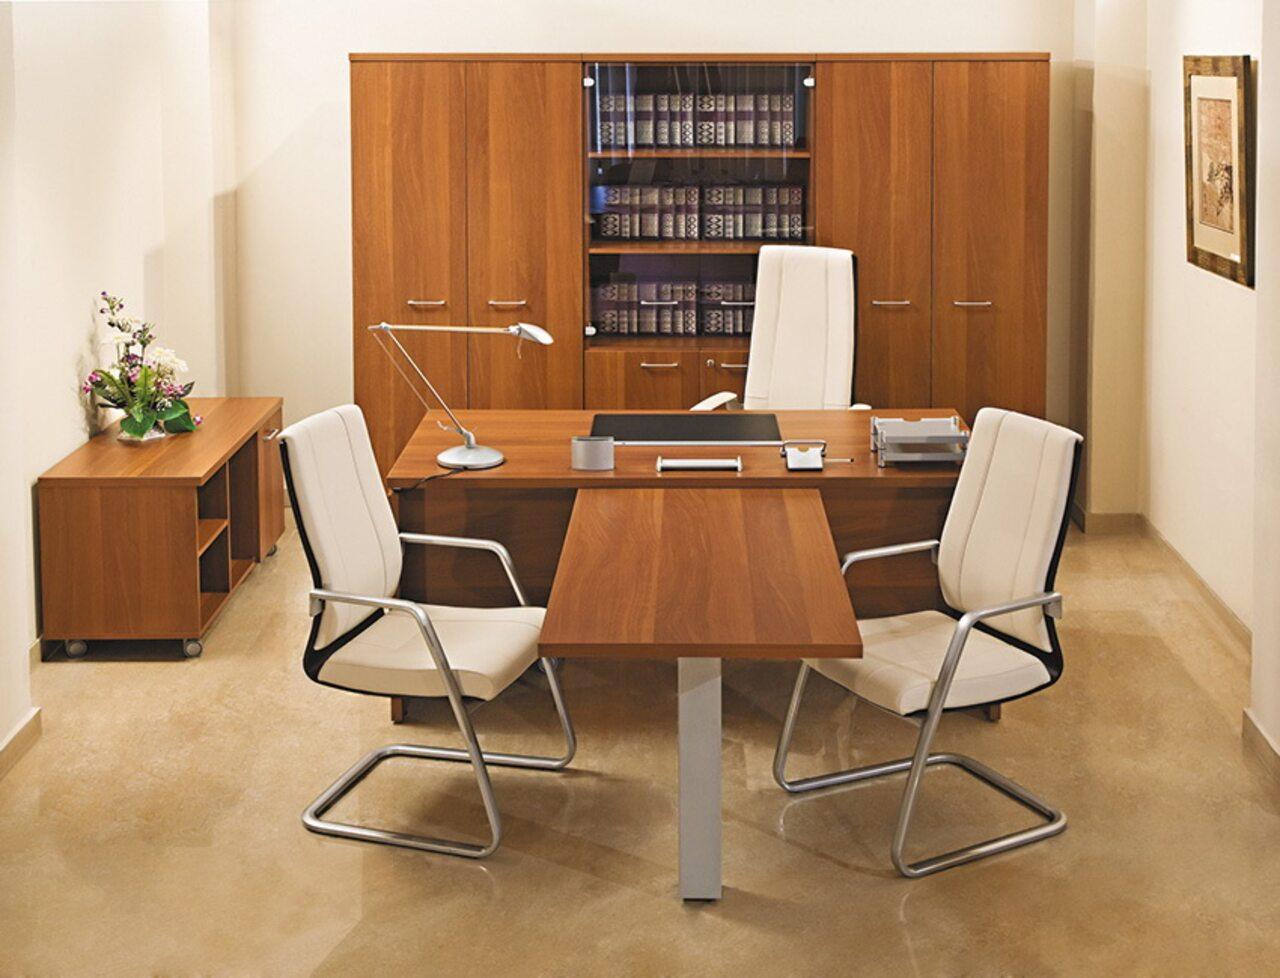 Стол для переговоров Патриот - фото 1